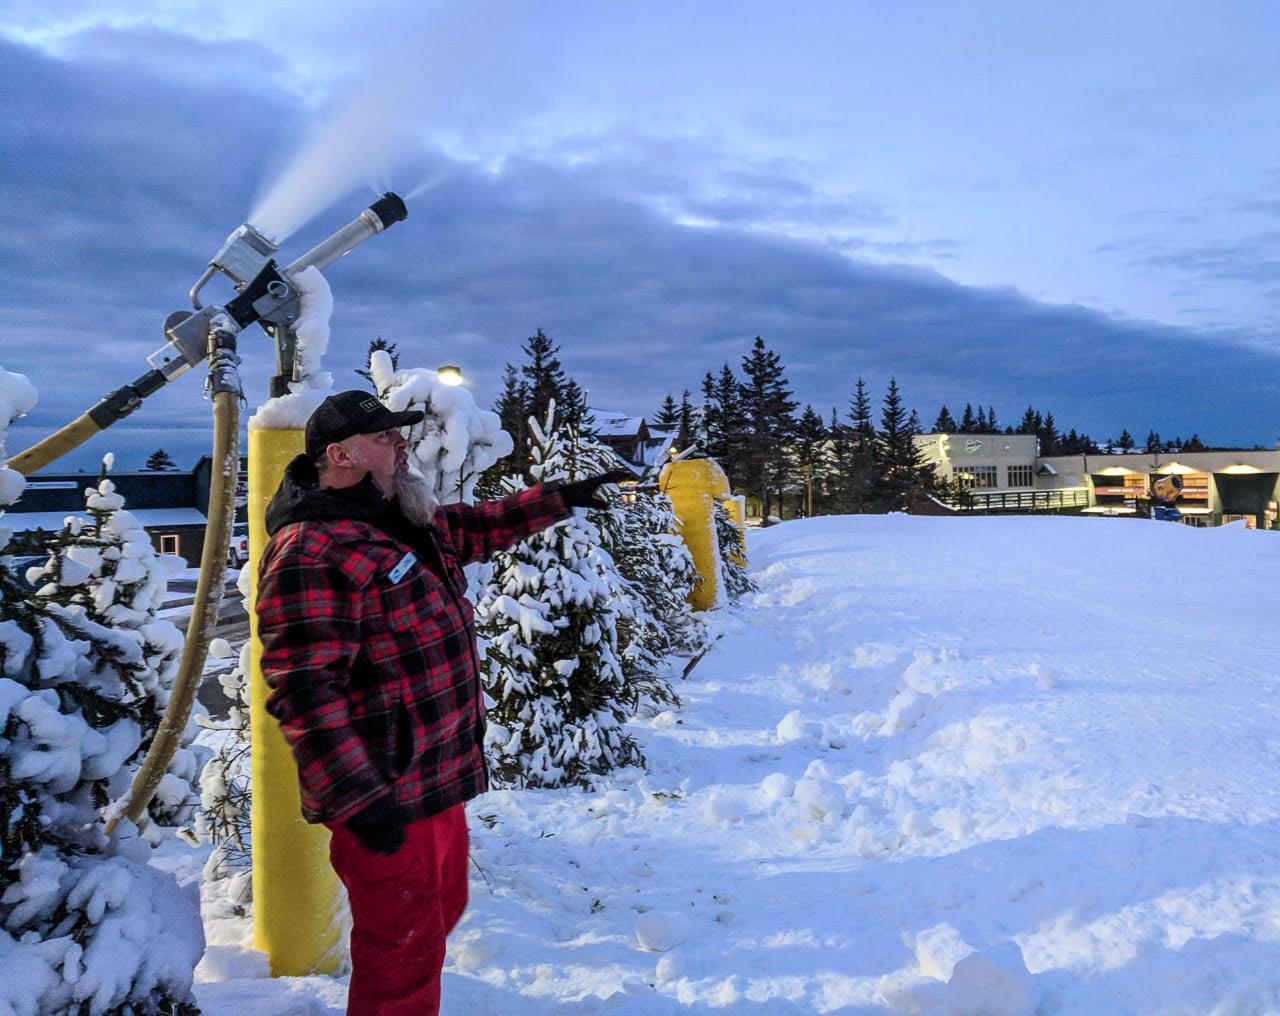 Snowshoe Snow Making